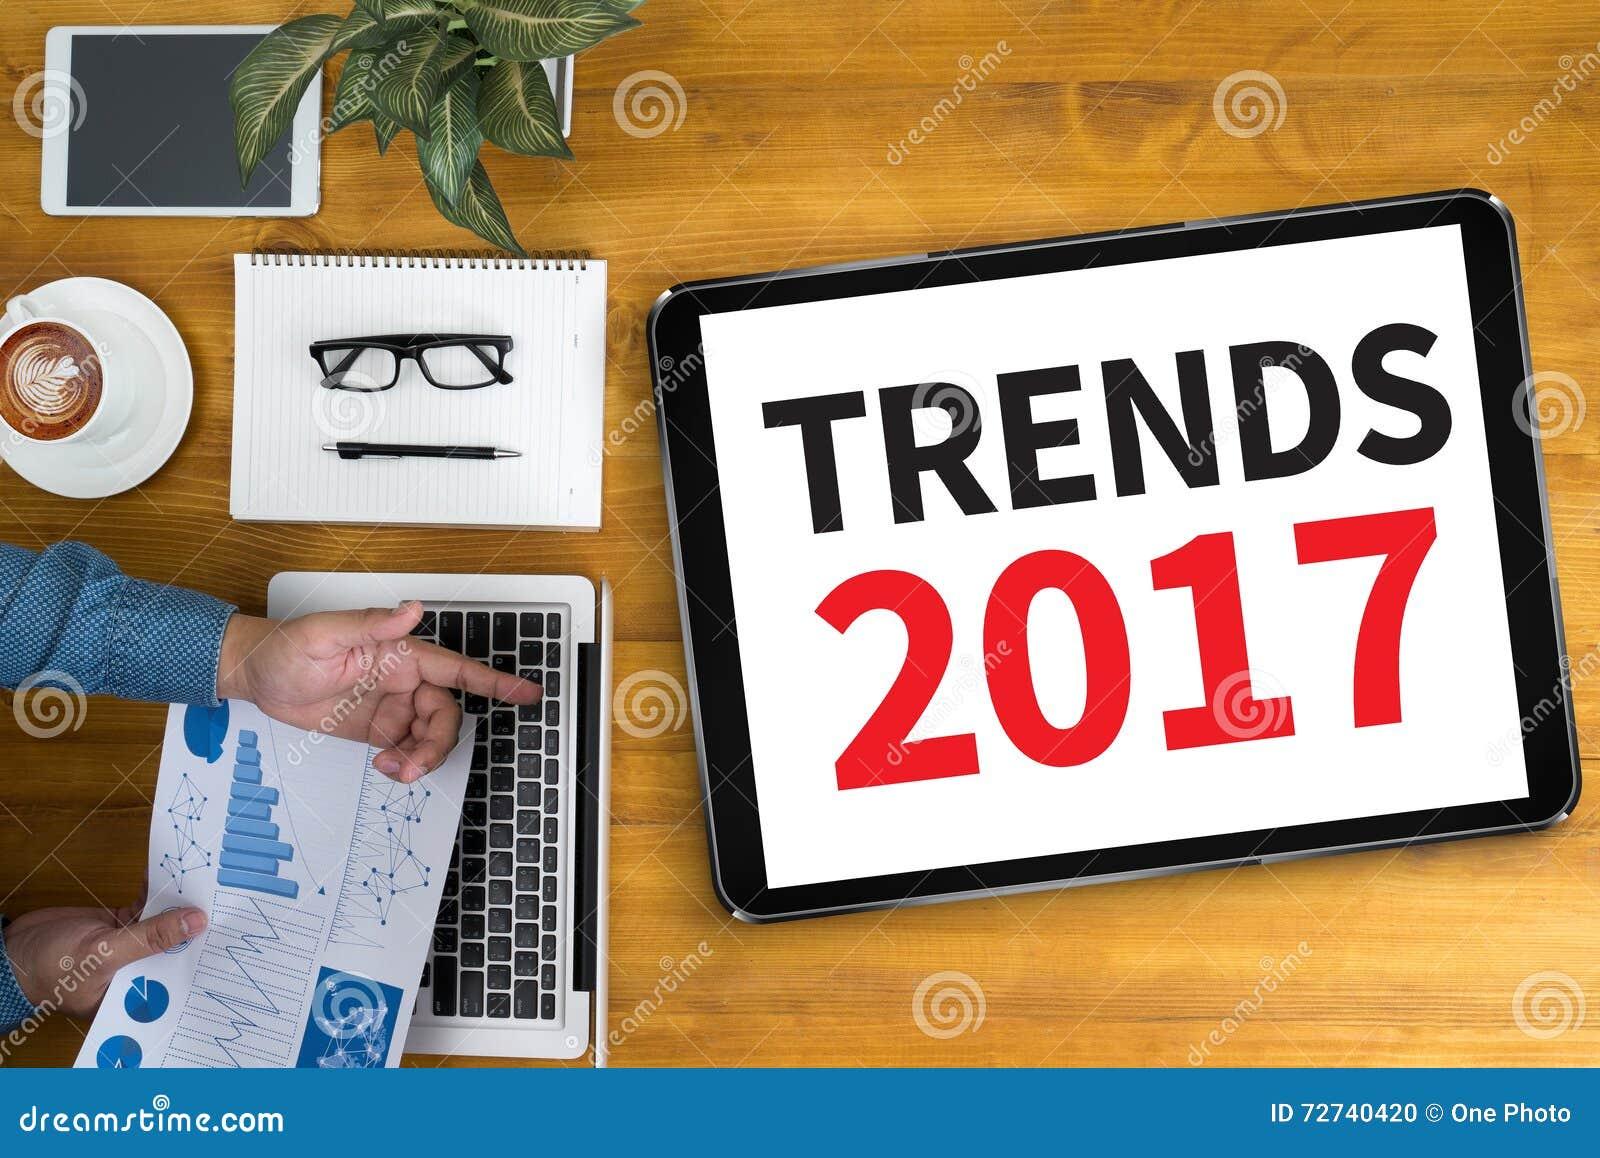 Trendy 2017